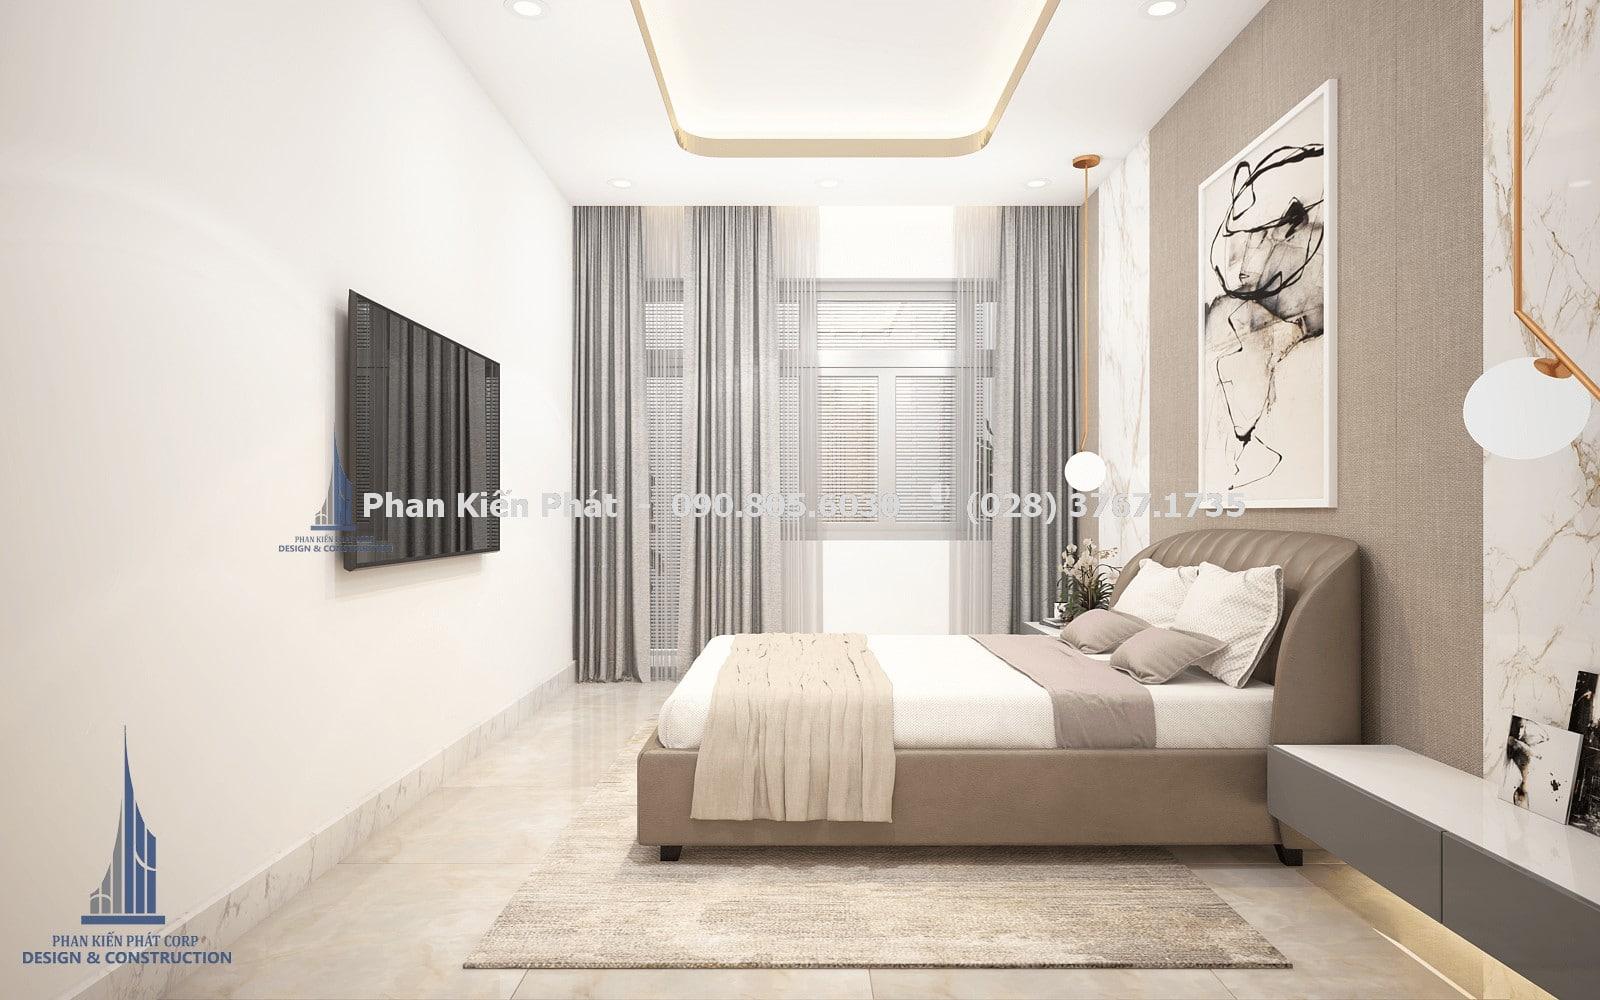 Nội thất phòng ngủ dành cho khách 2 đẹp góc 2